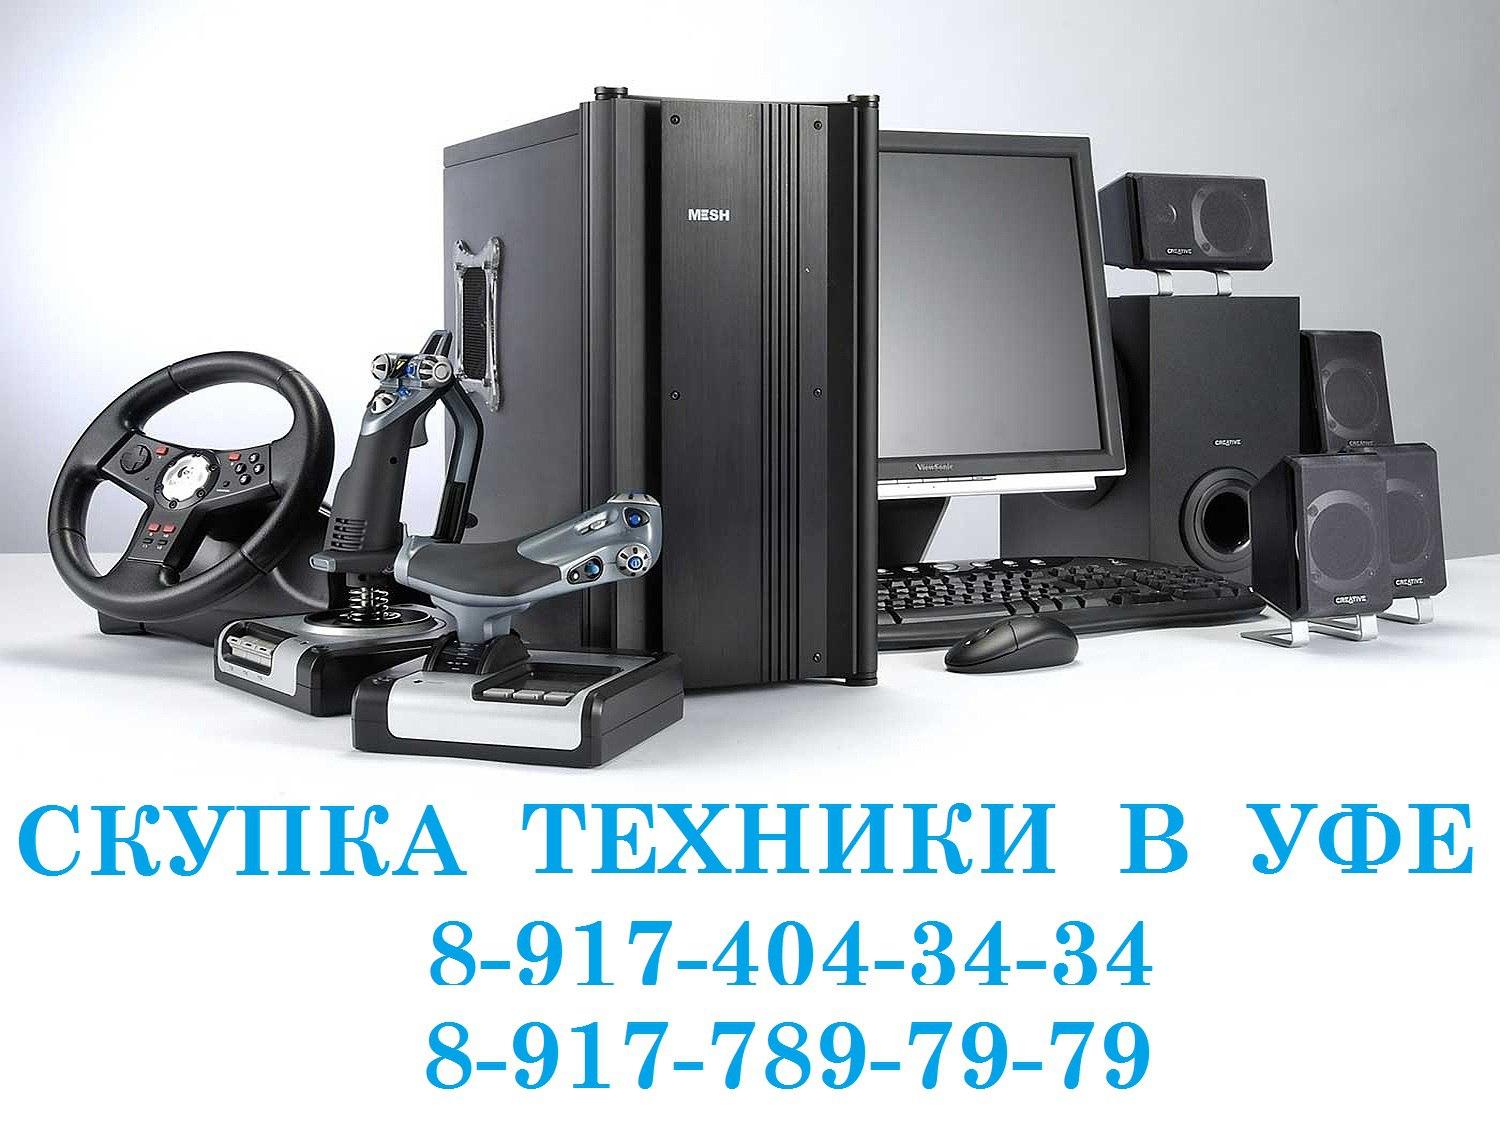 Скупка компьютеров в Уфе https://102skupka.ru/